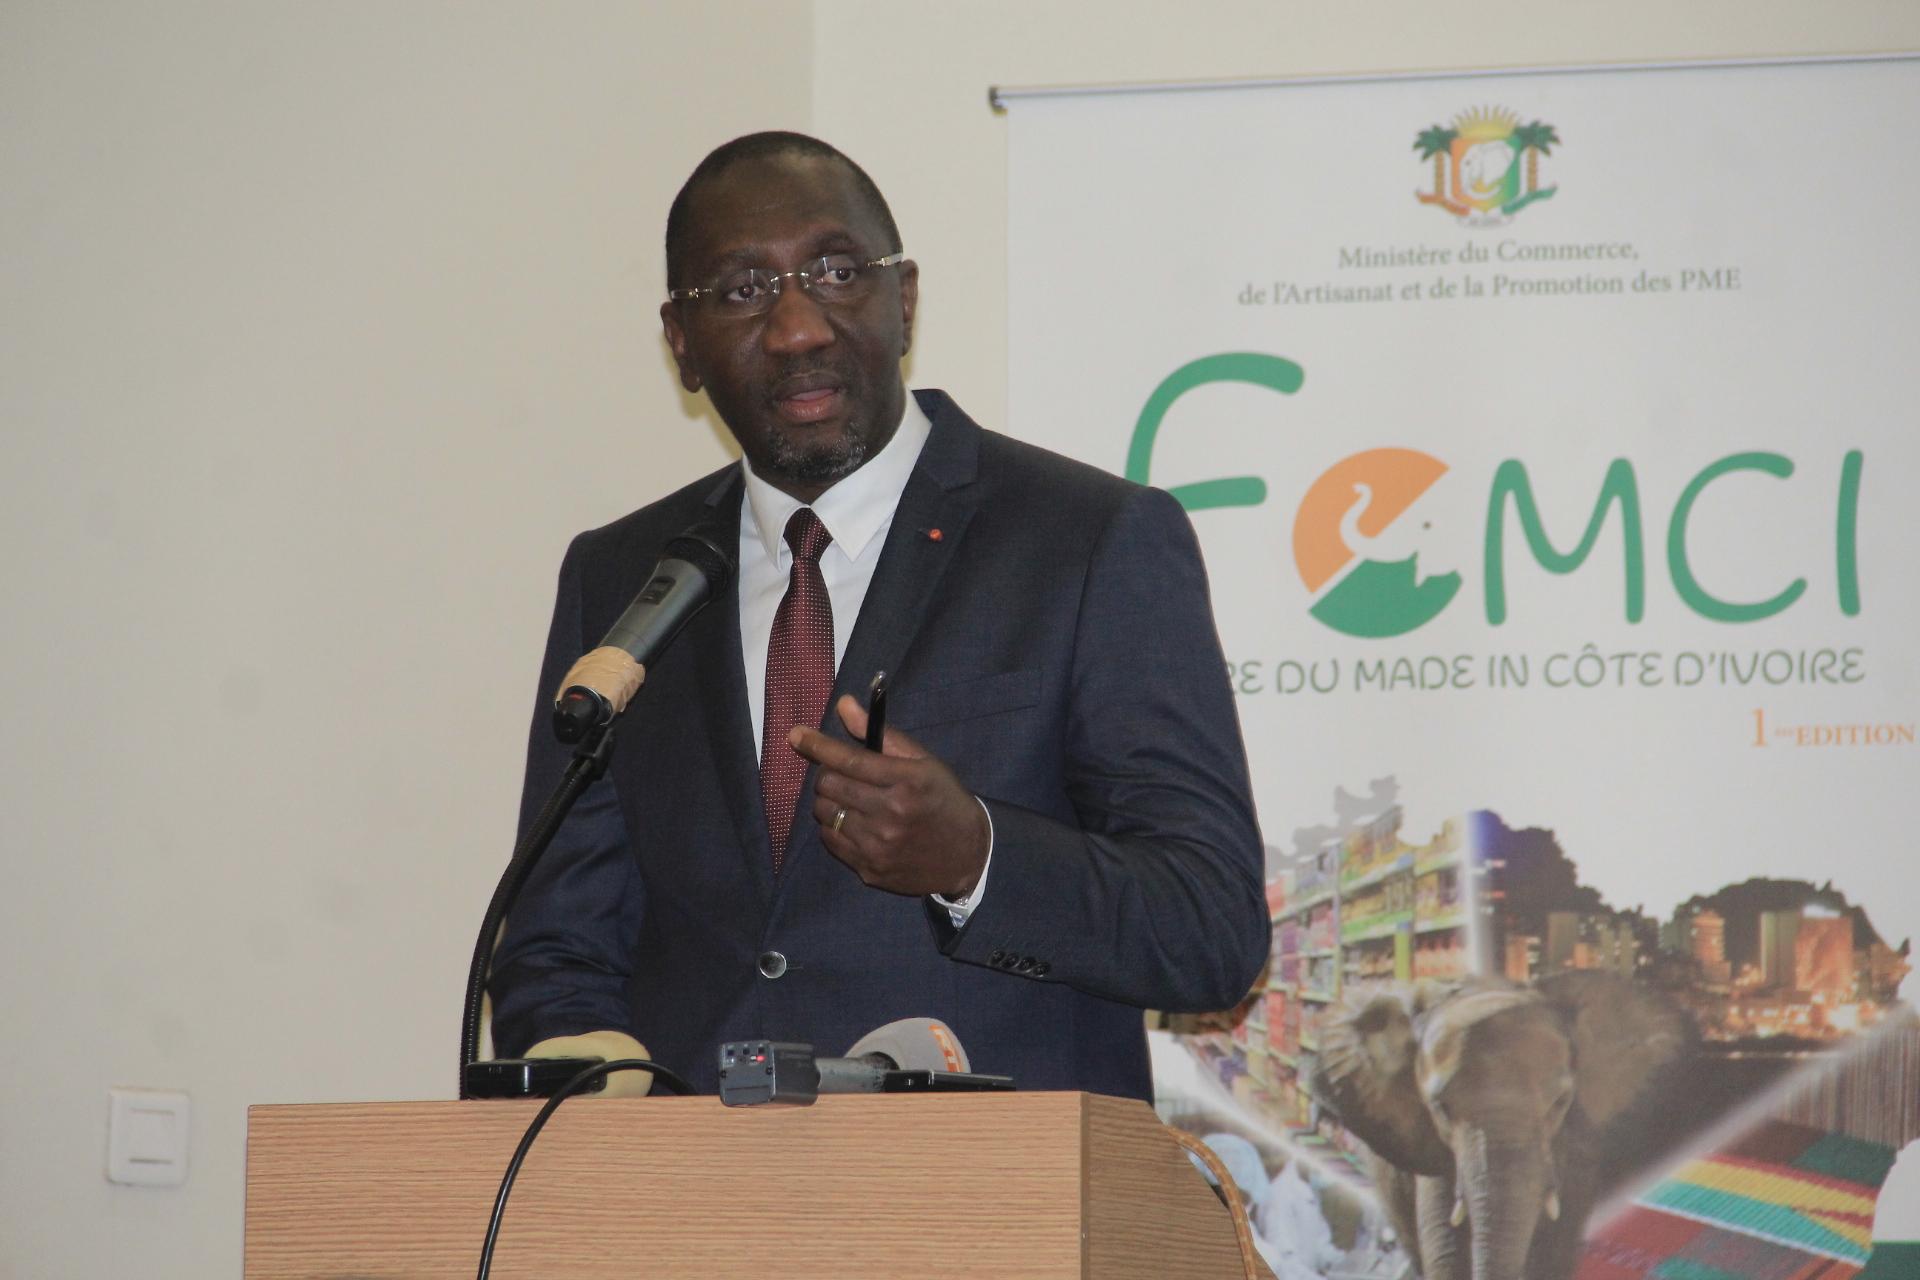 VALORISATION DES PRODUITS IVOIRIENS : LA FOMCI VEUT EN ETRE LA PLATEFORME